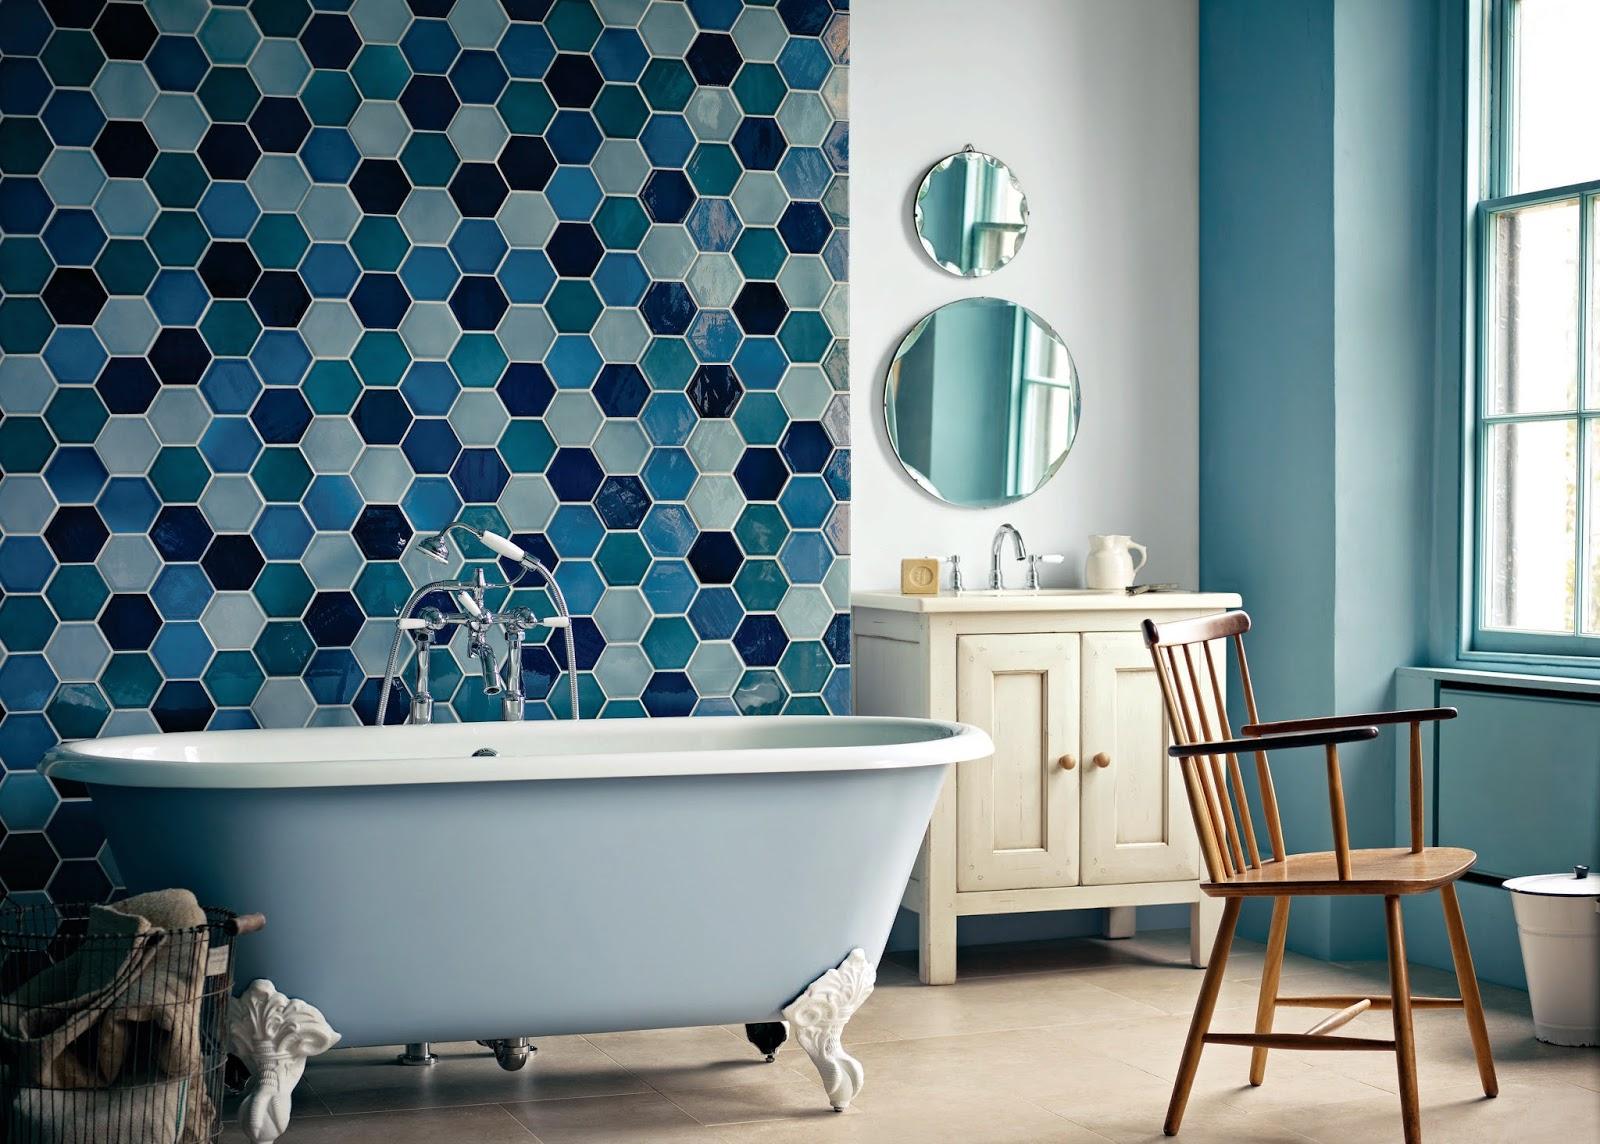 simple la combinacin de azulejos puede ser una forma maravillosa y original de decorar baos vintage with combinacion de azulejos para baos